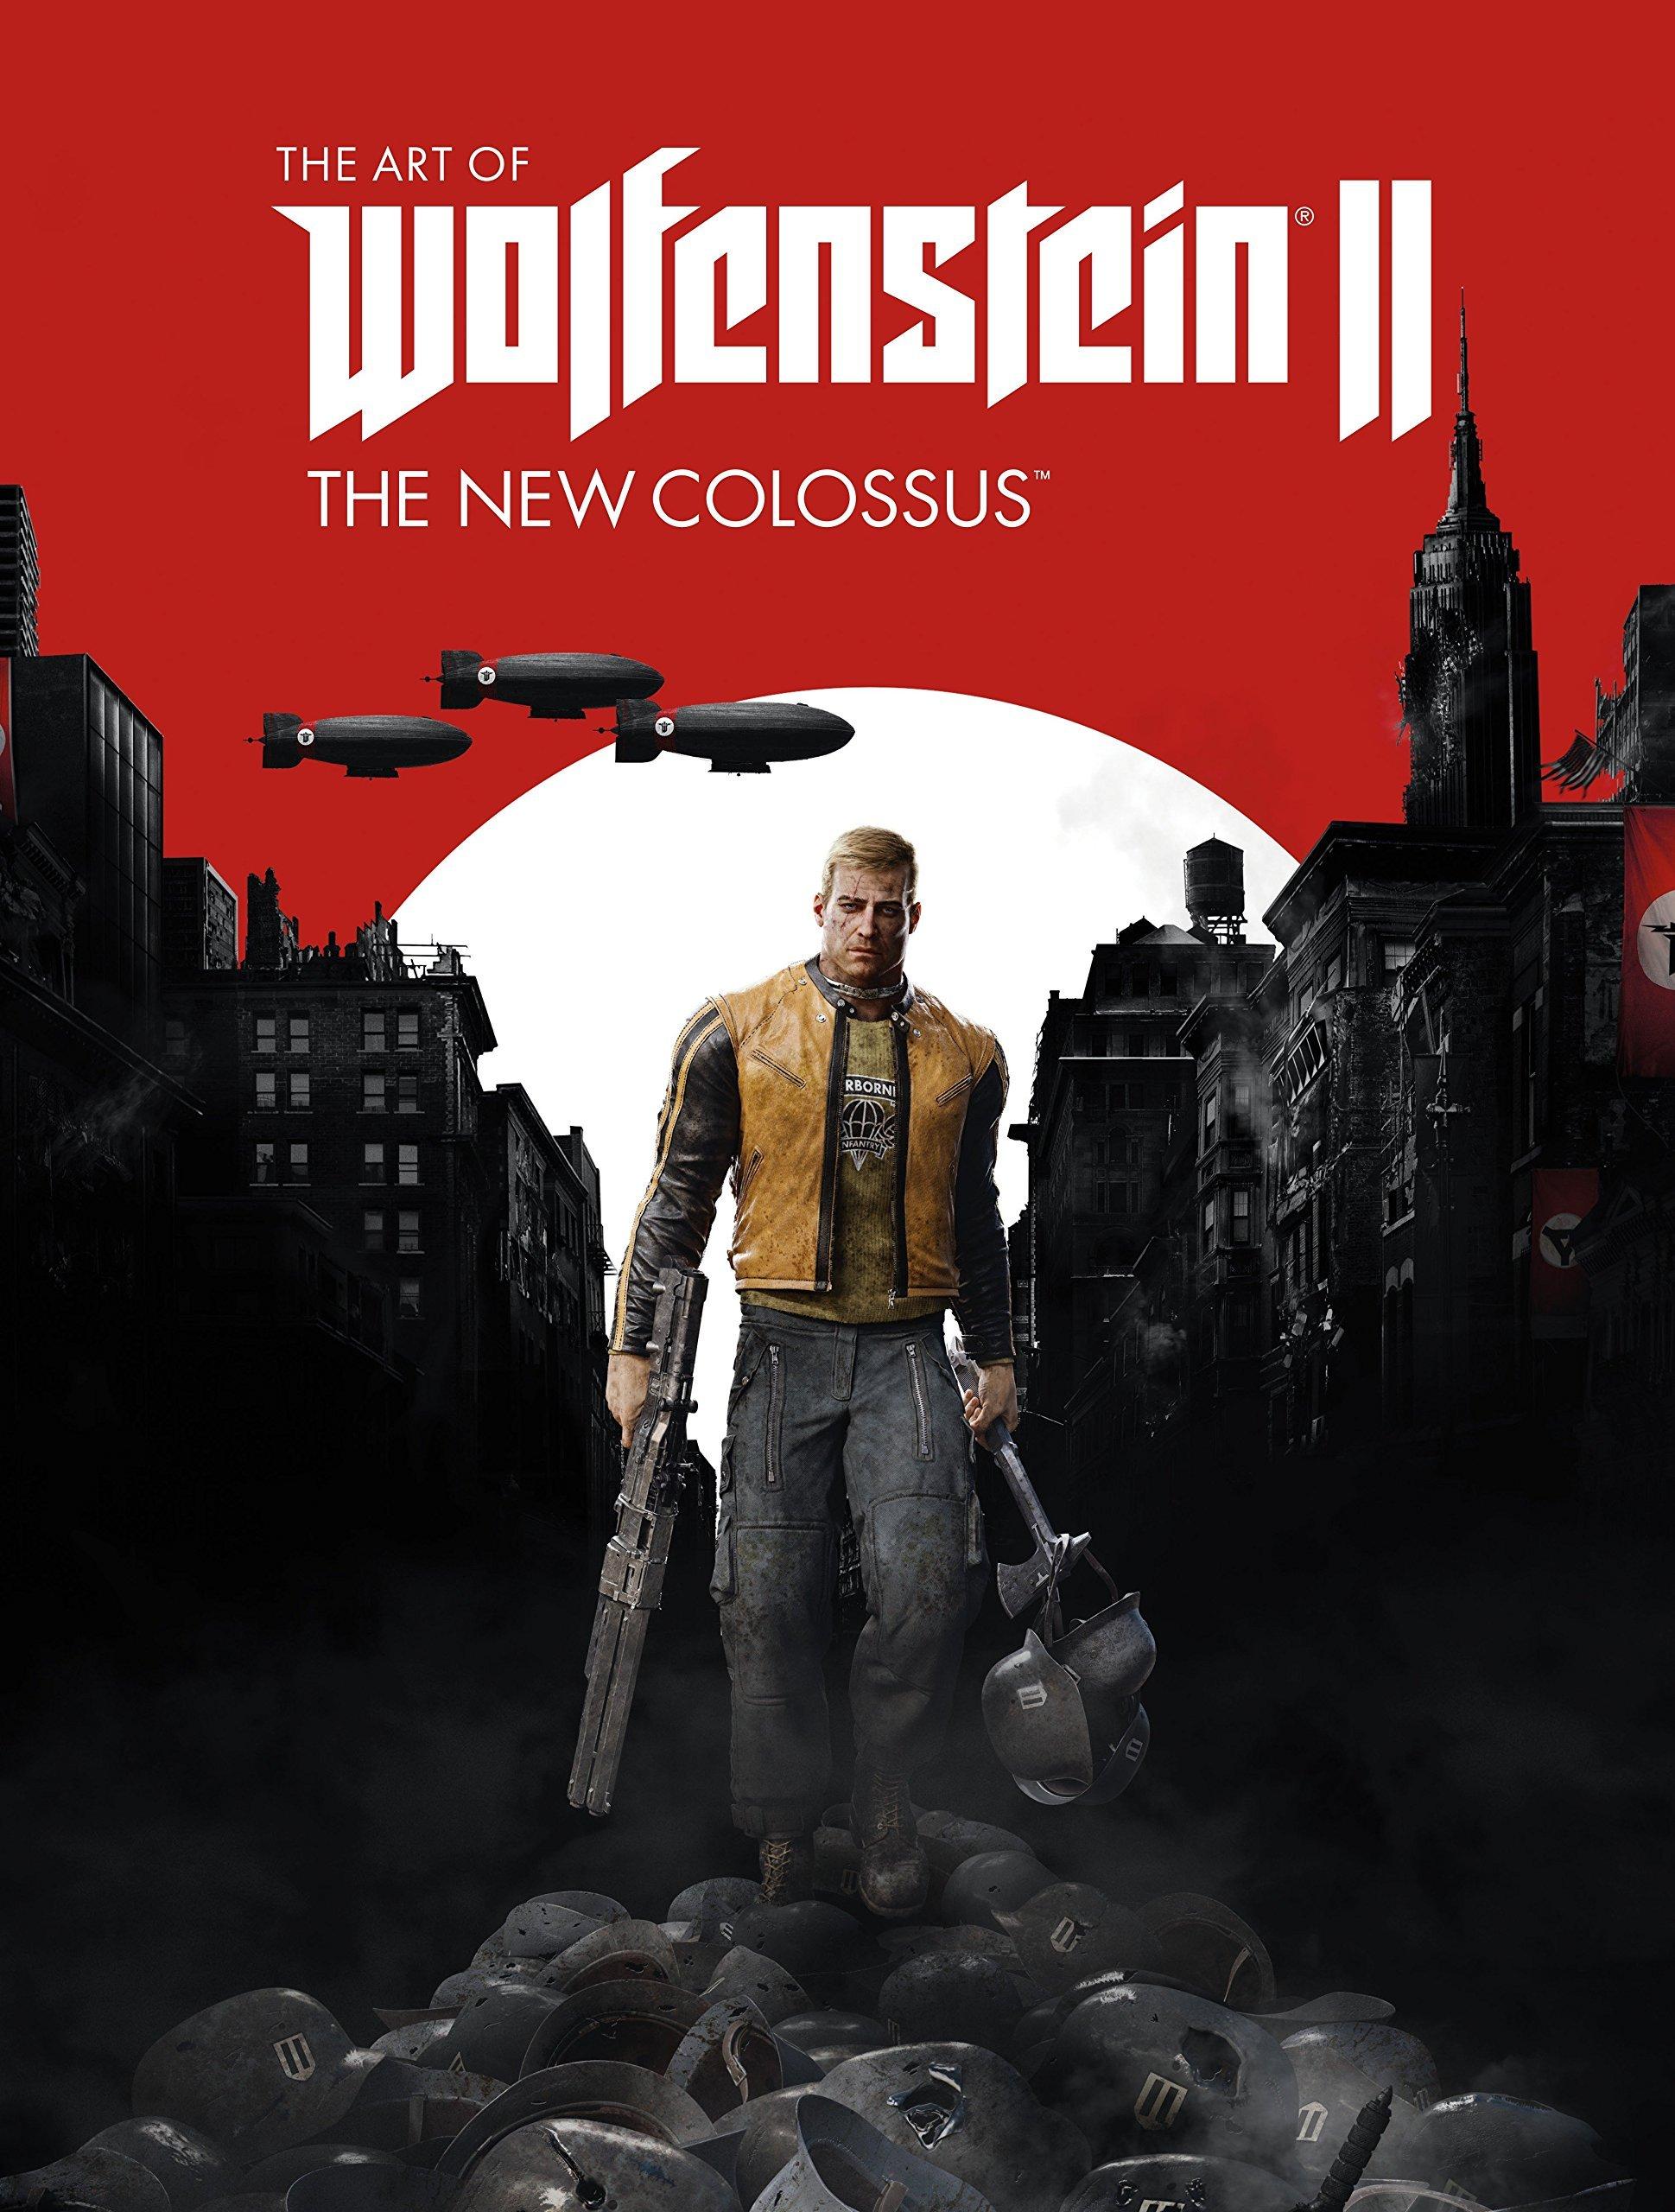 Wolfenstein - The Art of Wolfenstein II: The New Colossus